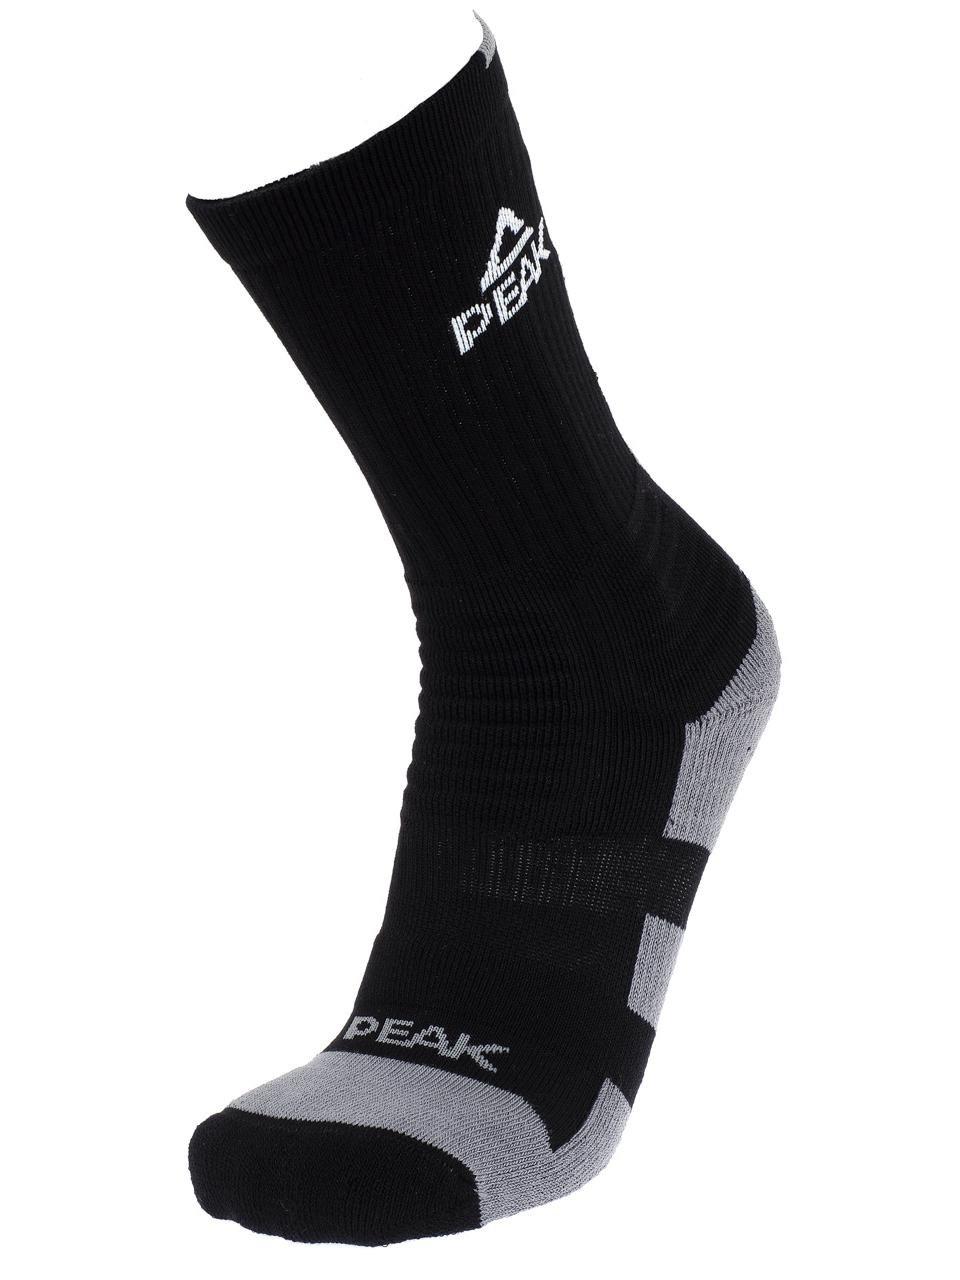 PEAK Chaussettes hautes Pro - Noir et gris: Amazon.es: Deportes y ...